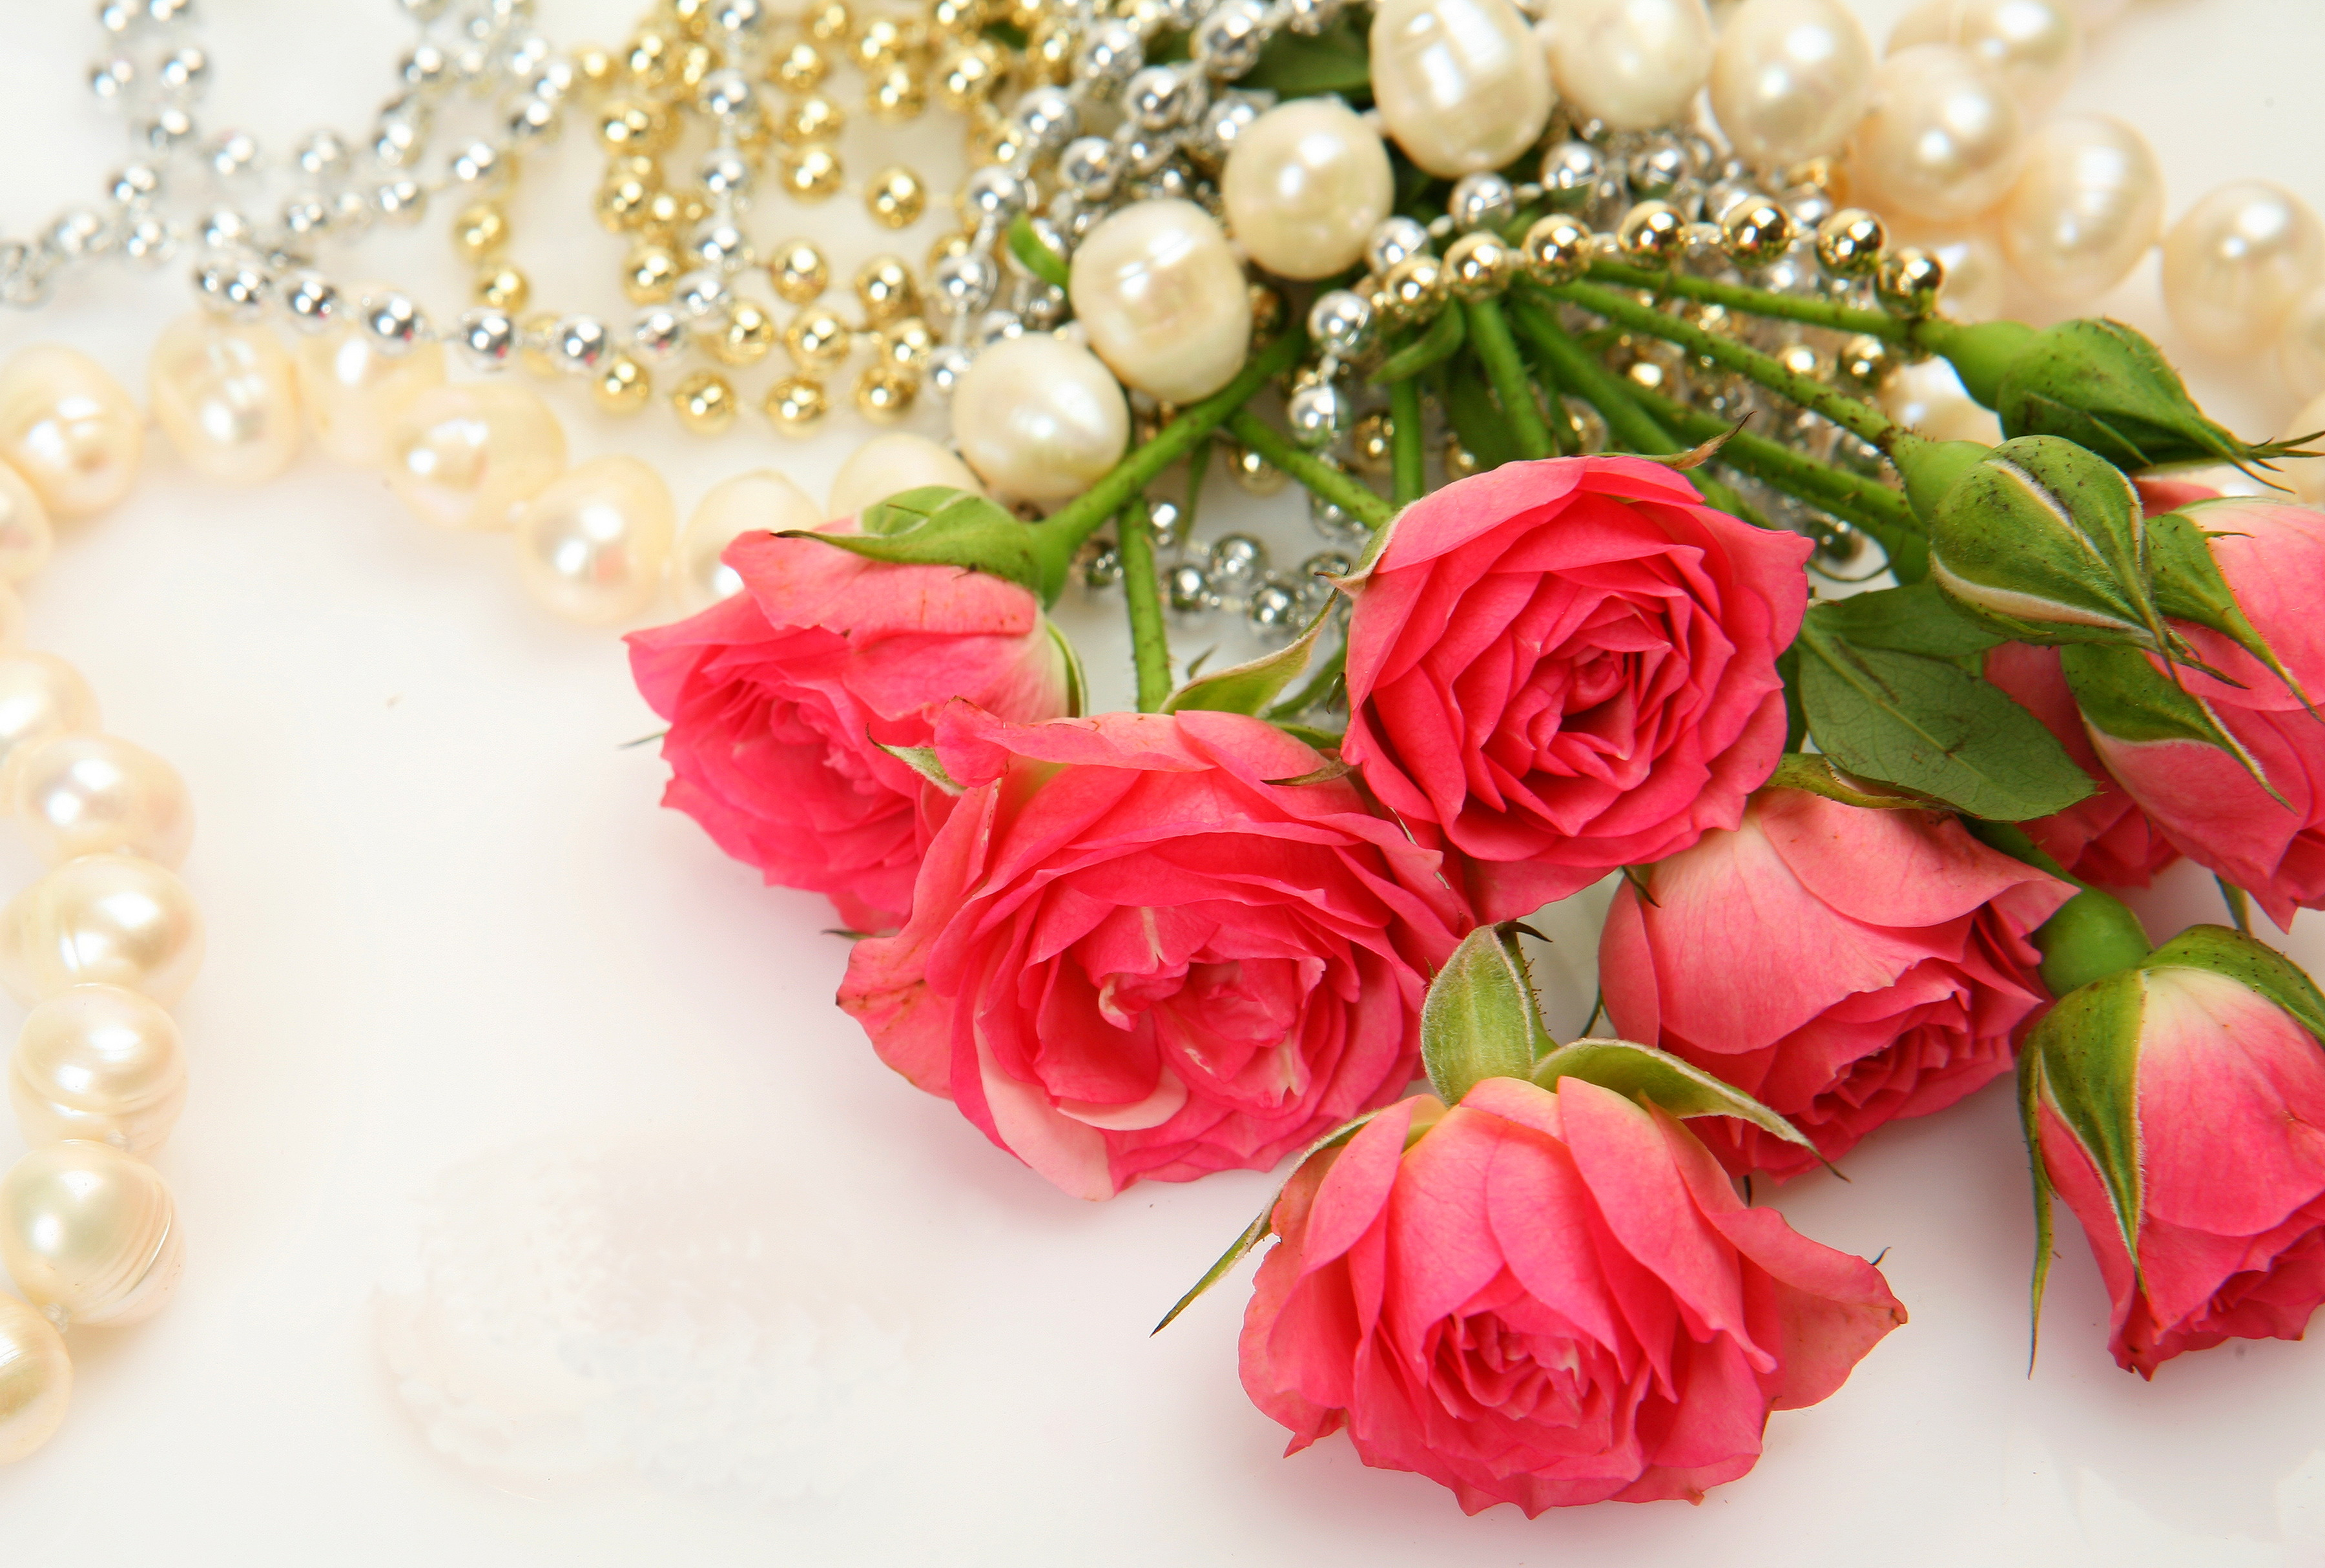 Красивые открытки с цветочками 532